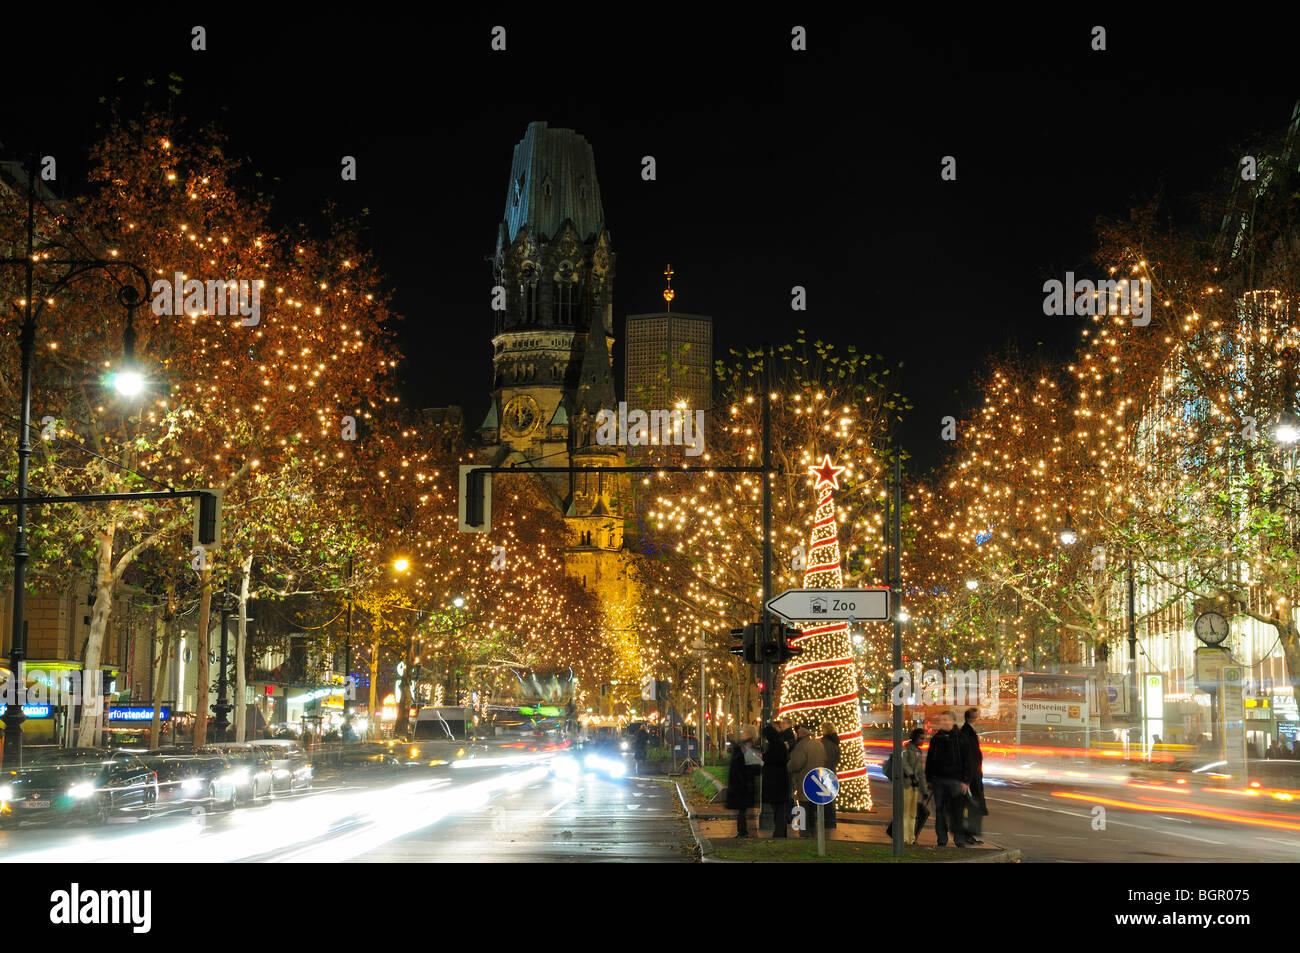 Weihnachtsbeleuchtung Kurfürstendamm.Weihnachtsbeleuchtung Verkehr Auf Dem Boulevard Kurfürstendamm In